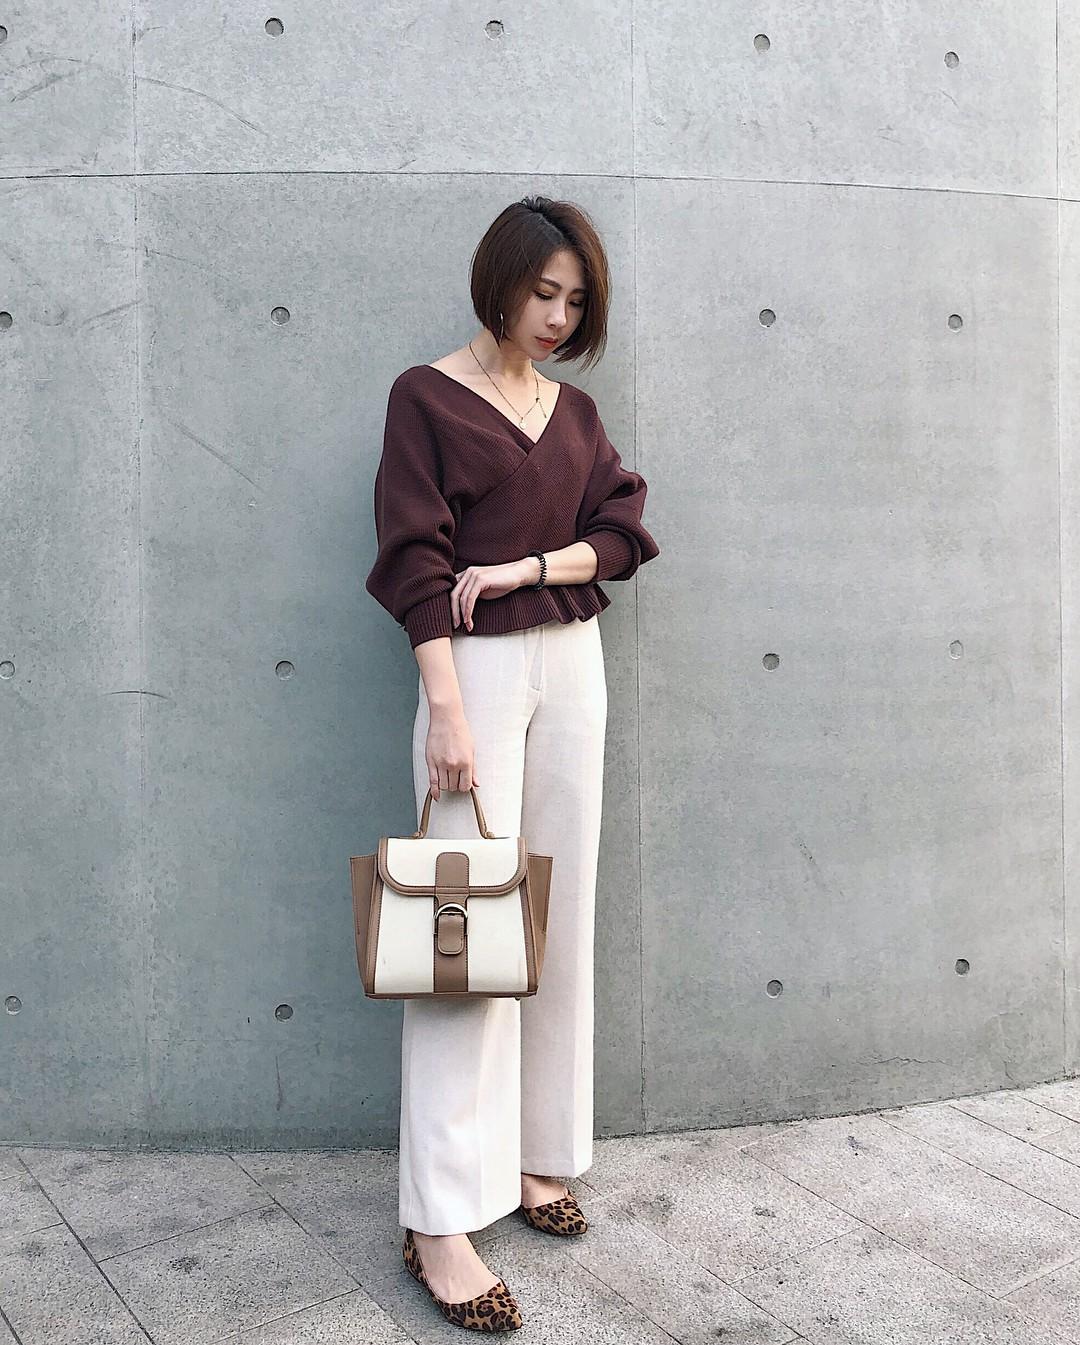 4 công thức diện đồ kinh điển nhưng không hề nhàm chán giúp các nàng công sở mặc đẹp suốt cả mùa thu năm nay - Ảnh 2